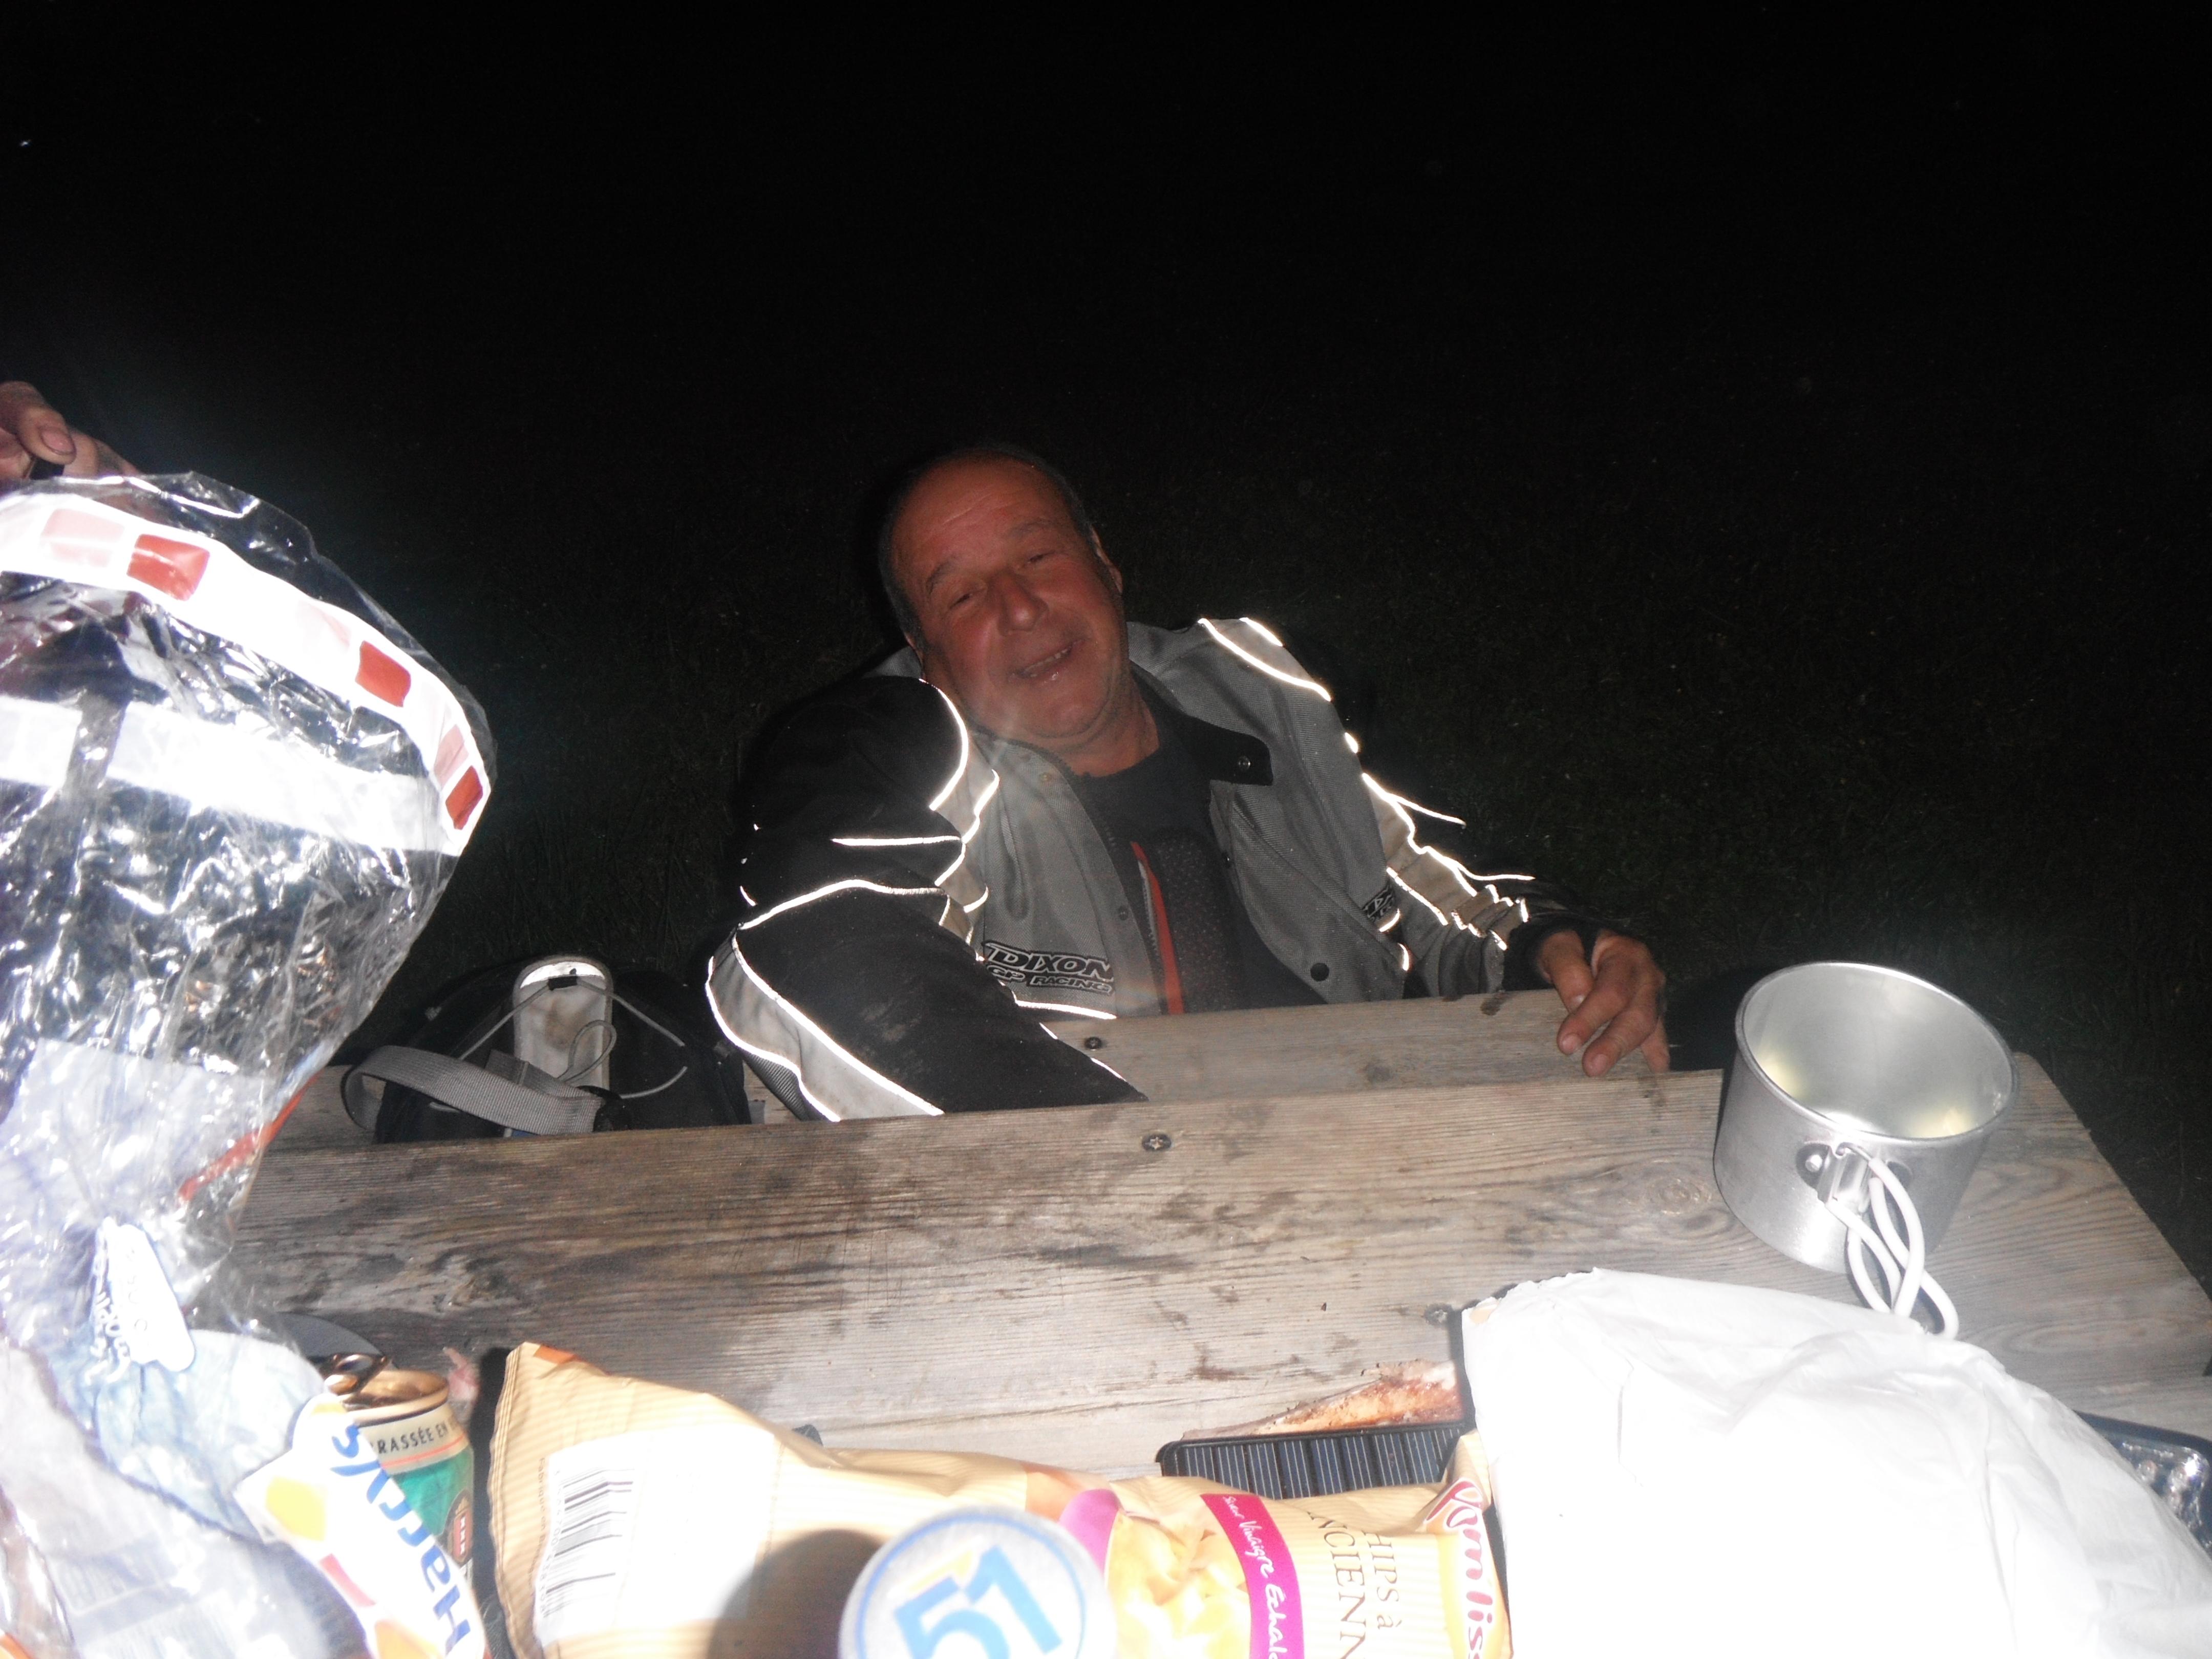 Notre ami Tabar est parti pour un dernier Raid Dscf6910